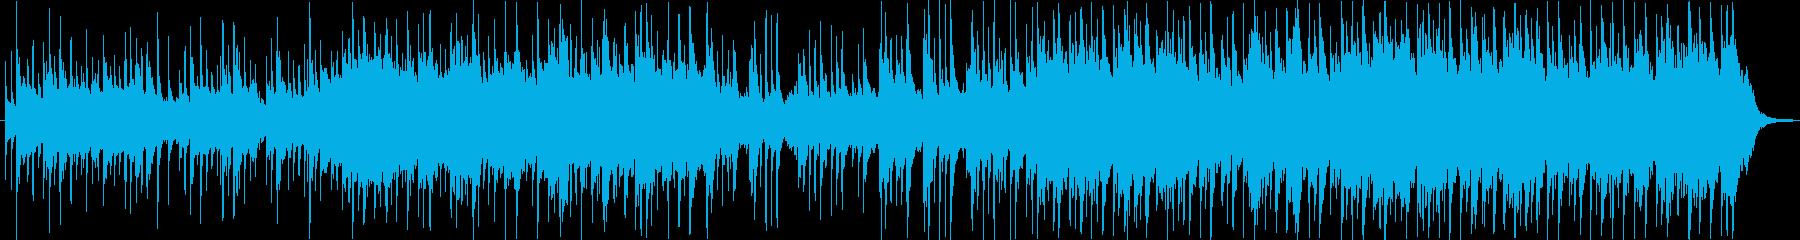 荘厳な和風BGMの再生済みの波形